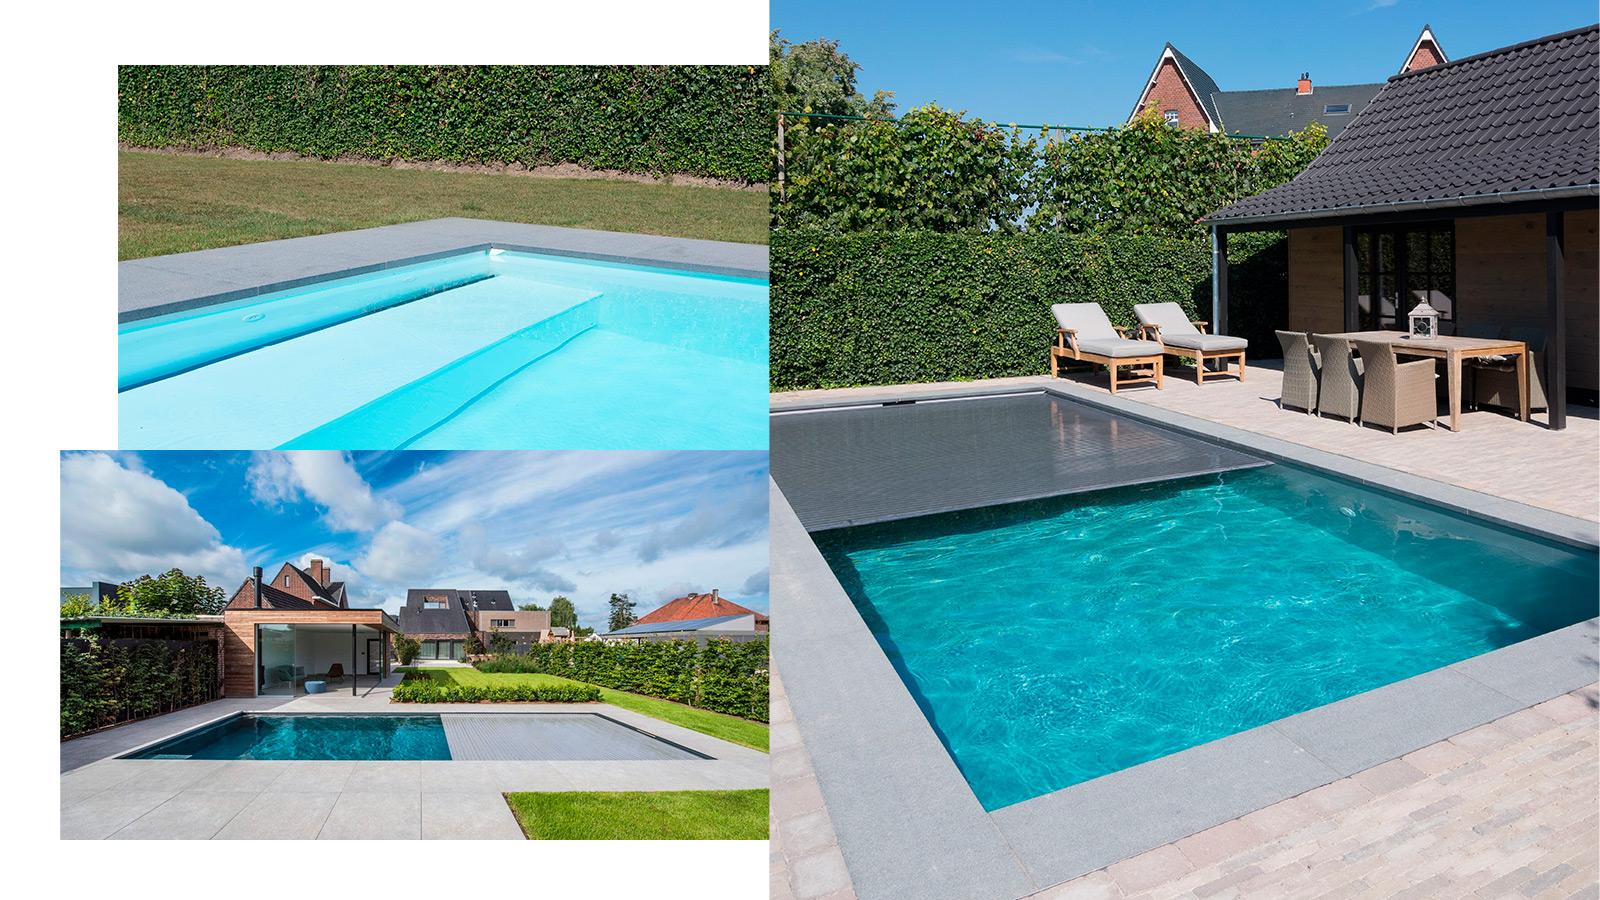 Lamelcovers til pool